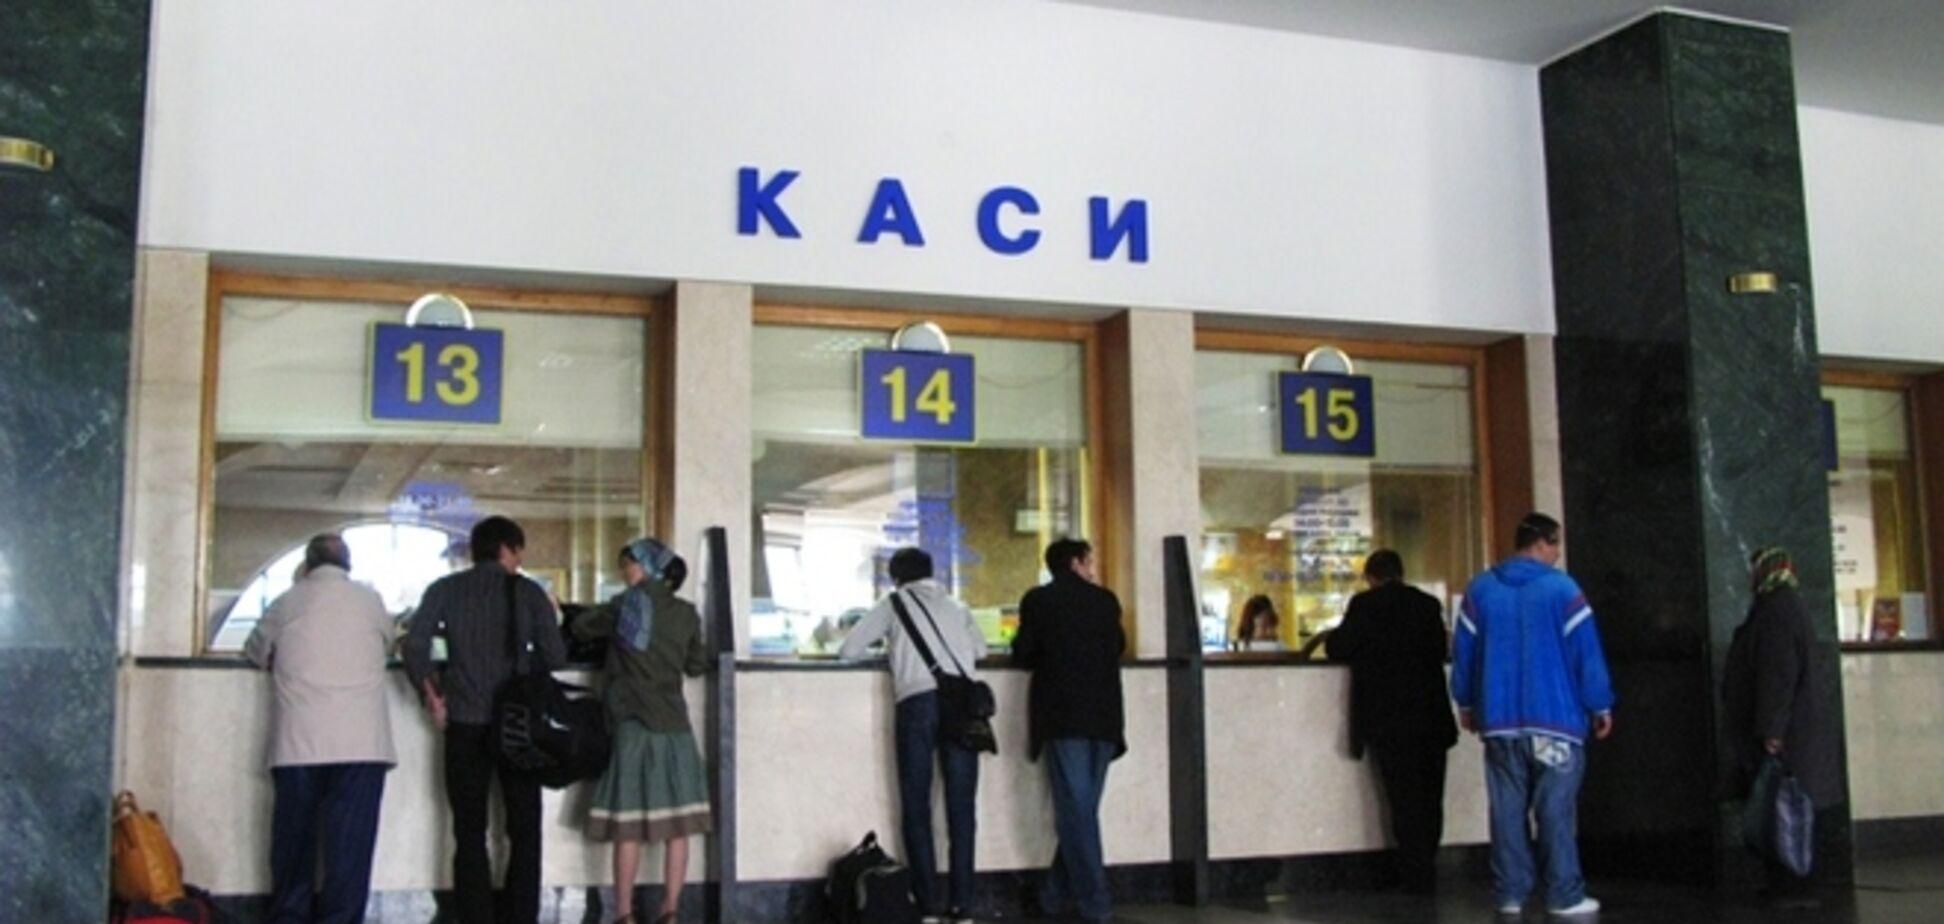 У Києві напередодні свят квитки на потяги продають за подвійним тарифом